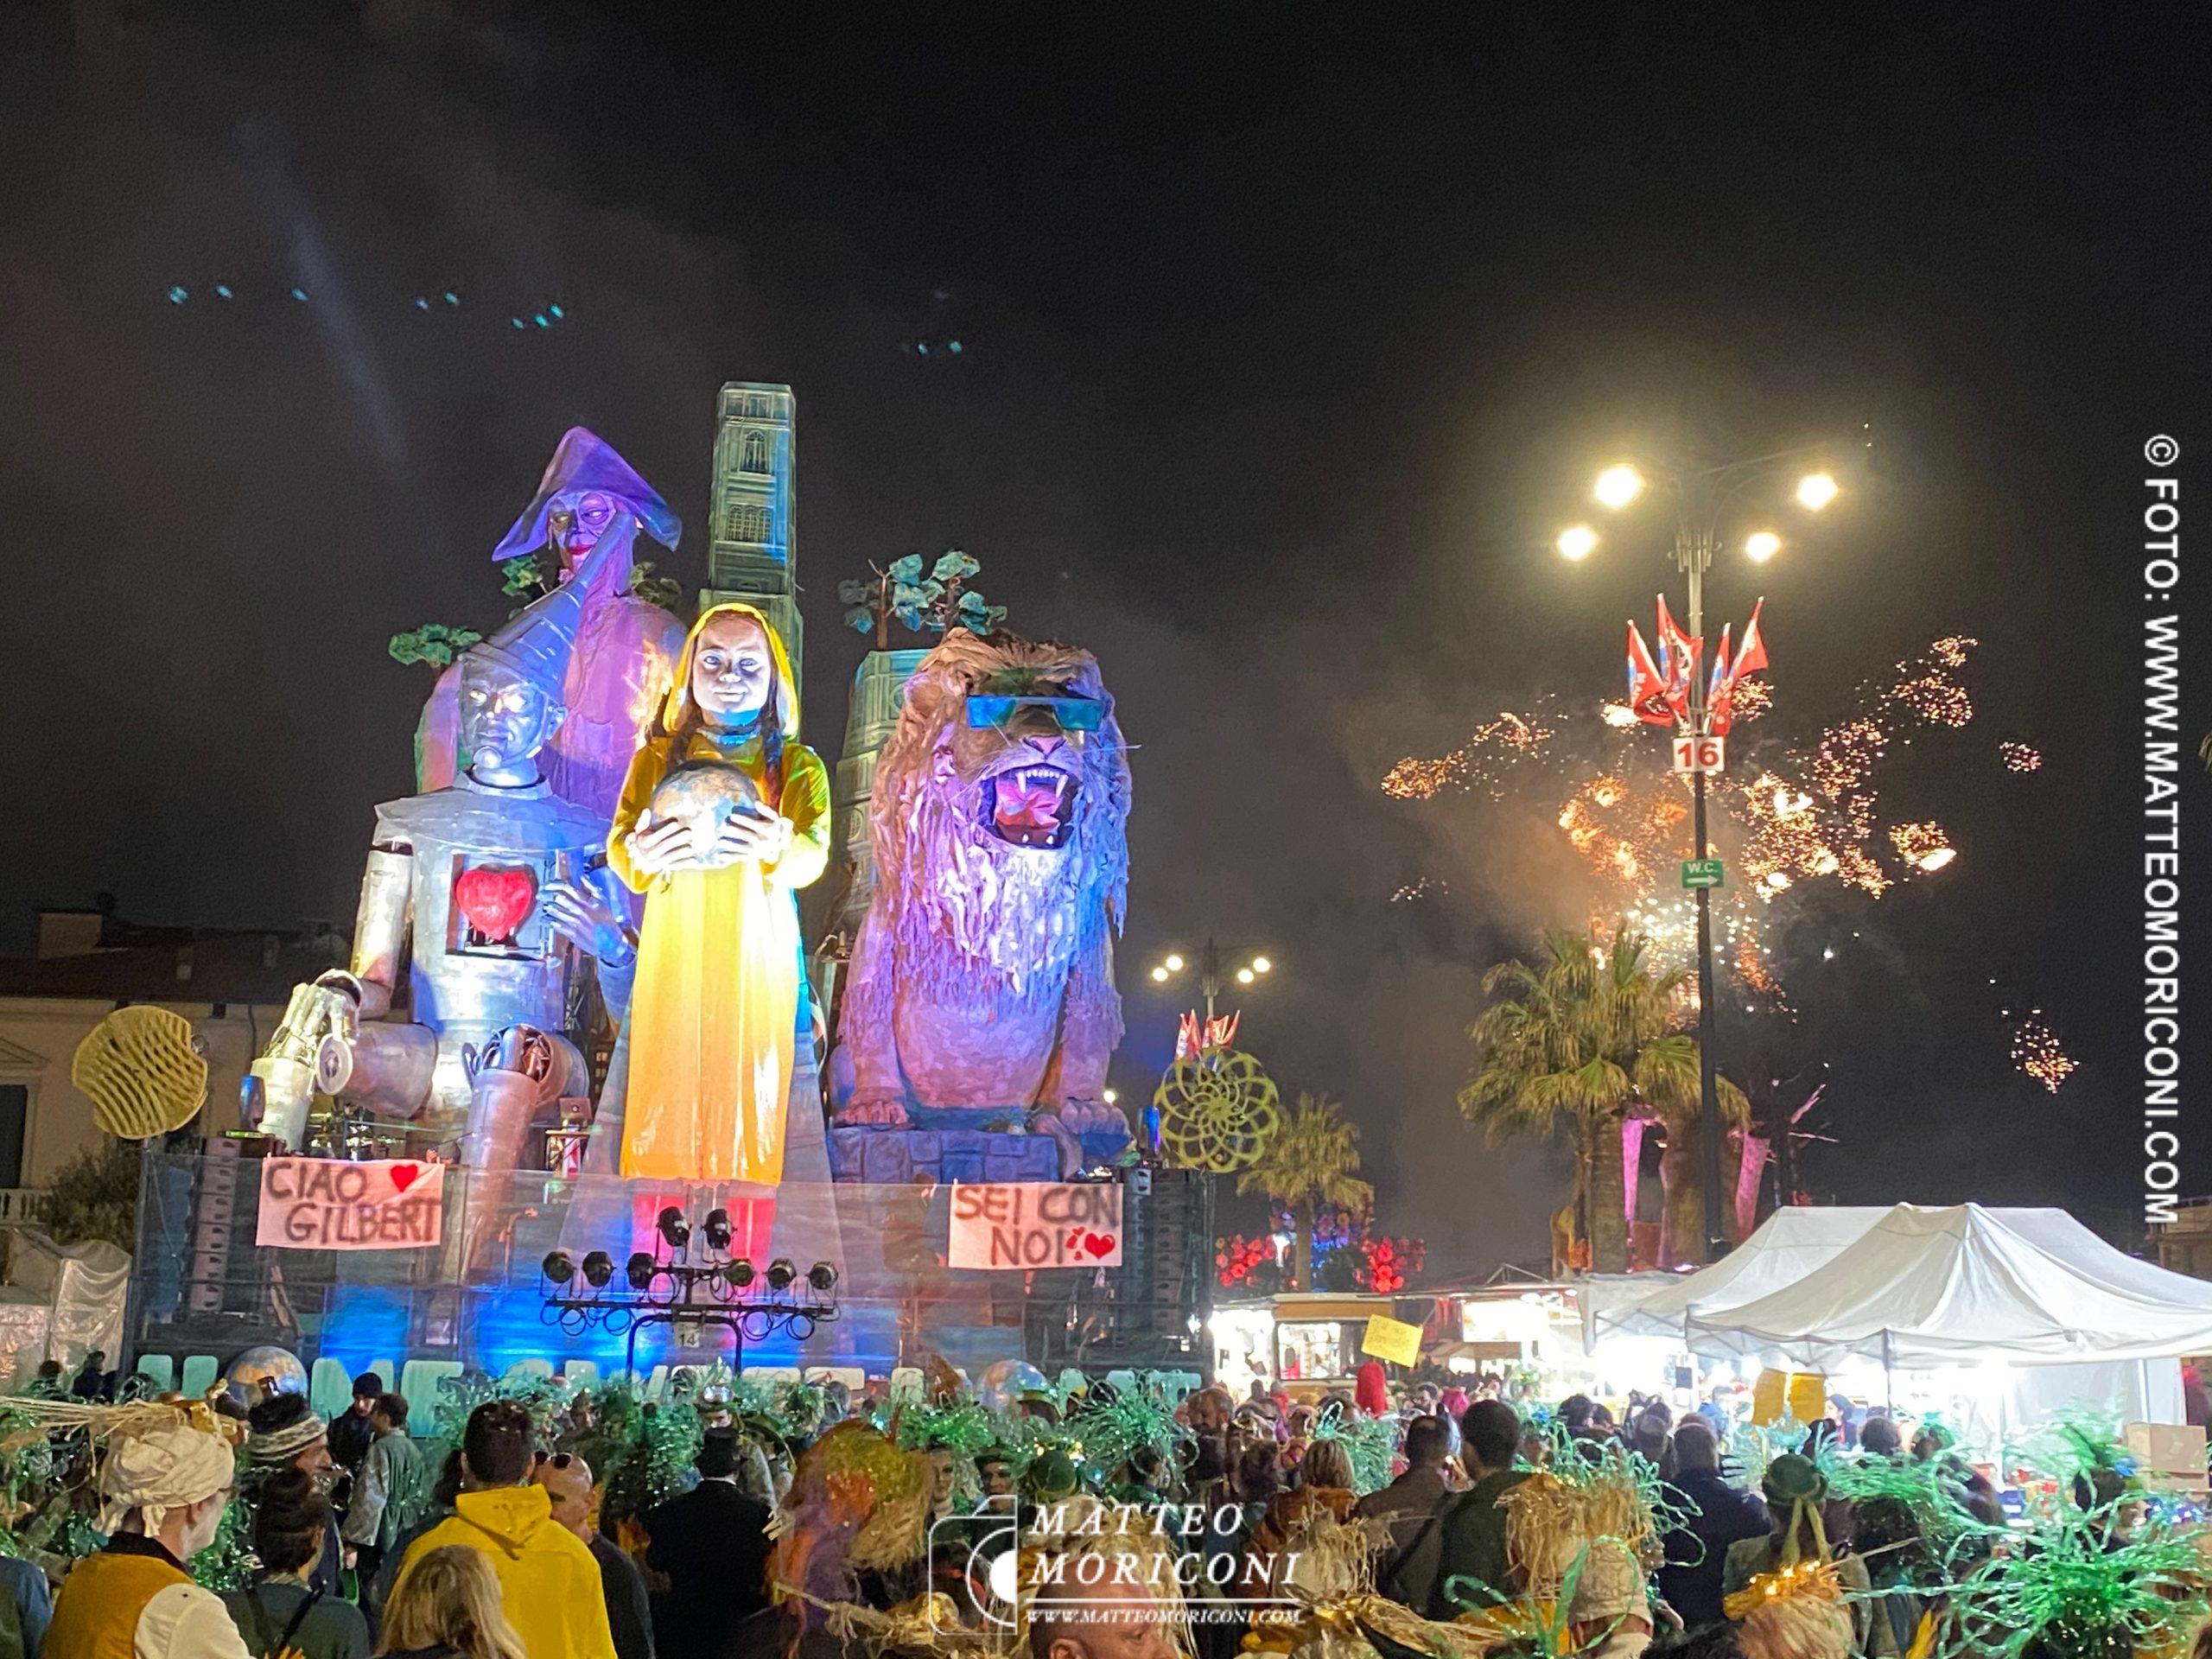 Vince il Carnevale di Viareggio 2020: Home Sweet Home di Lebigre-Roger